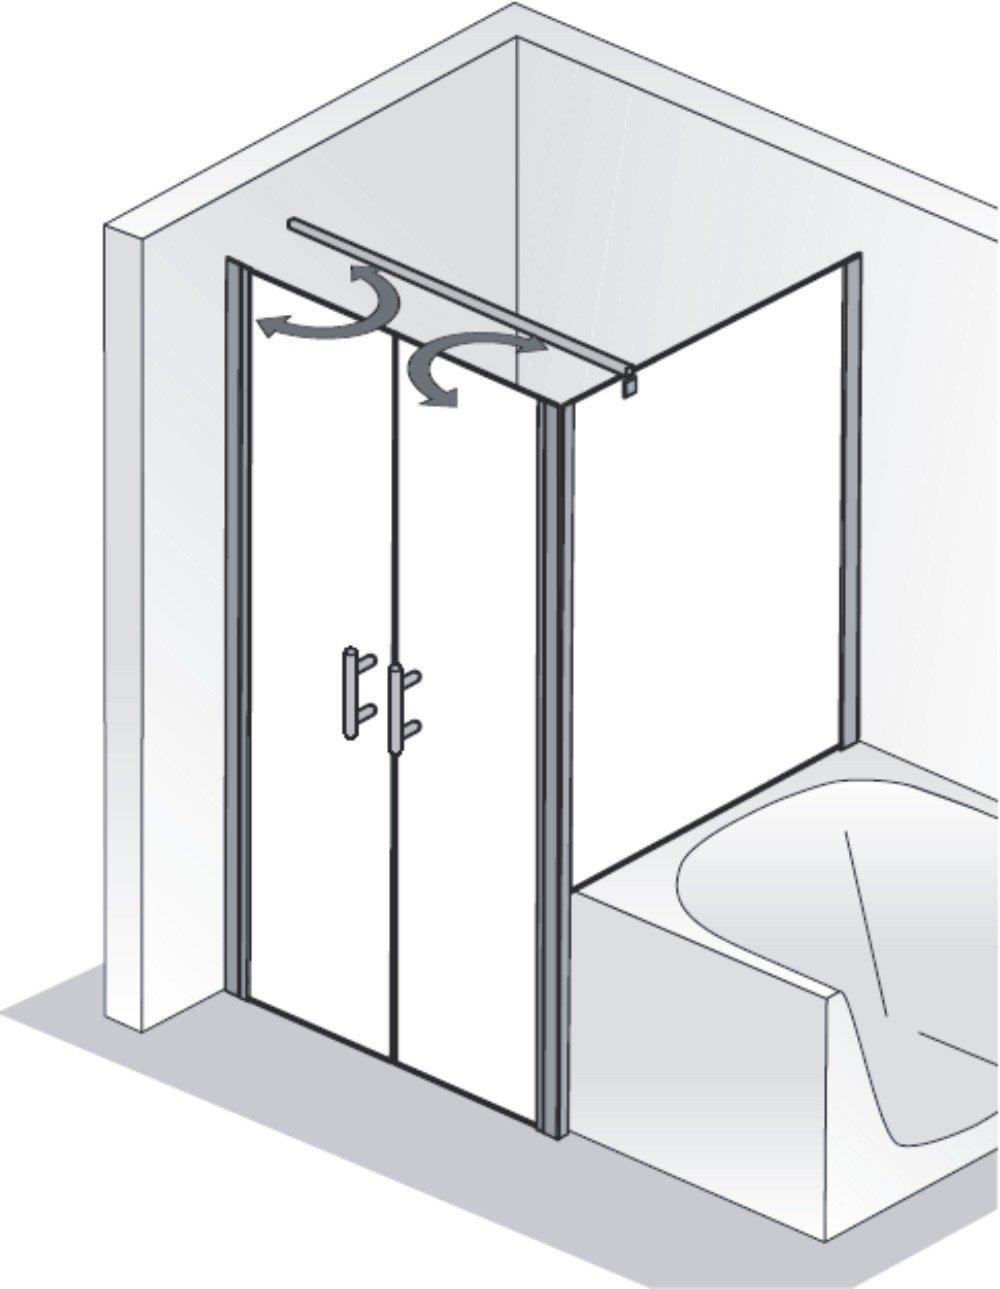 hsk duschkabine favorit nova e rechteck dusche pendelt ren verk rzte seitenwand arcom center. Black Bedroom Furniture Sets. Home Design Ideas